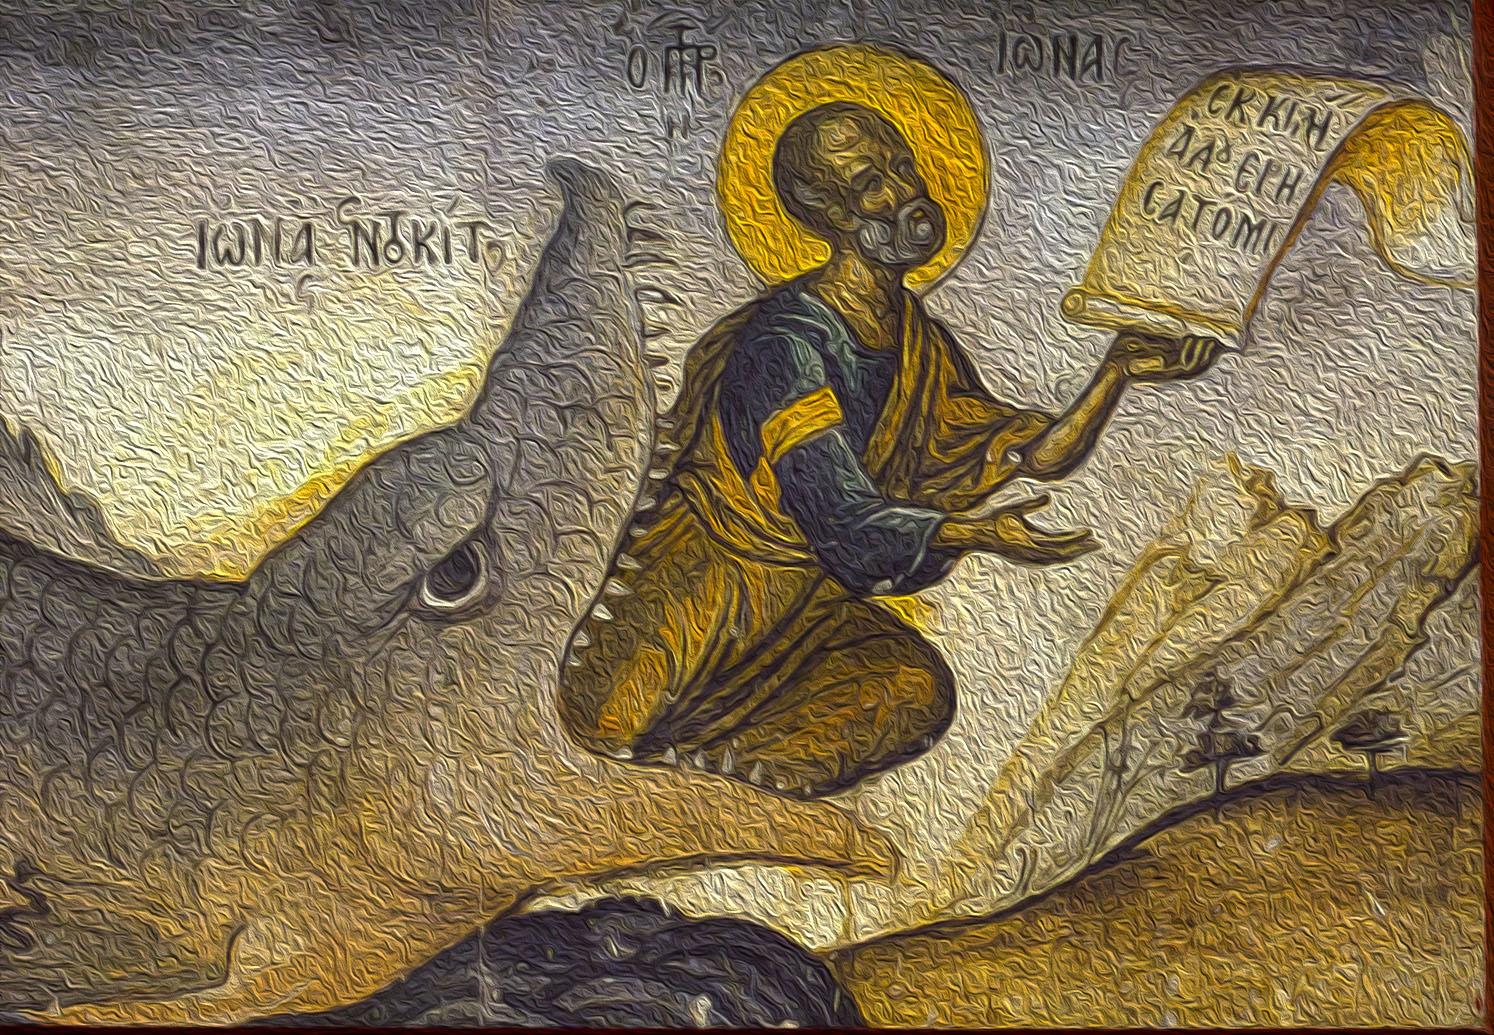 5 октября 2019 года отмечается праздник Иона и Фока